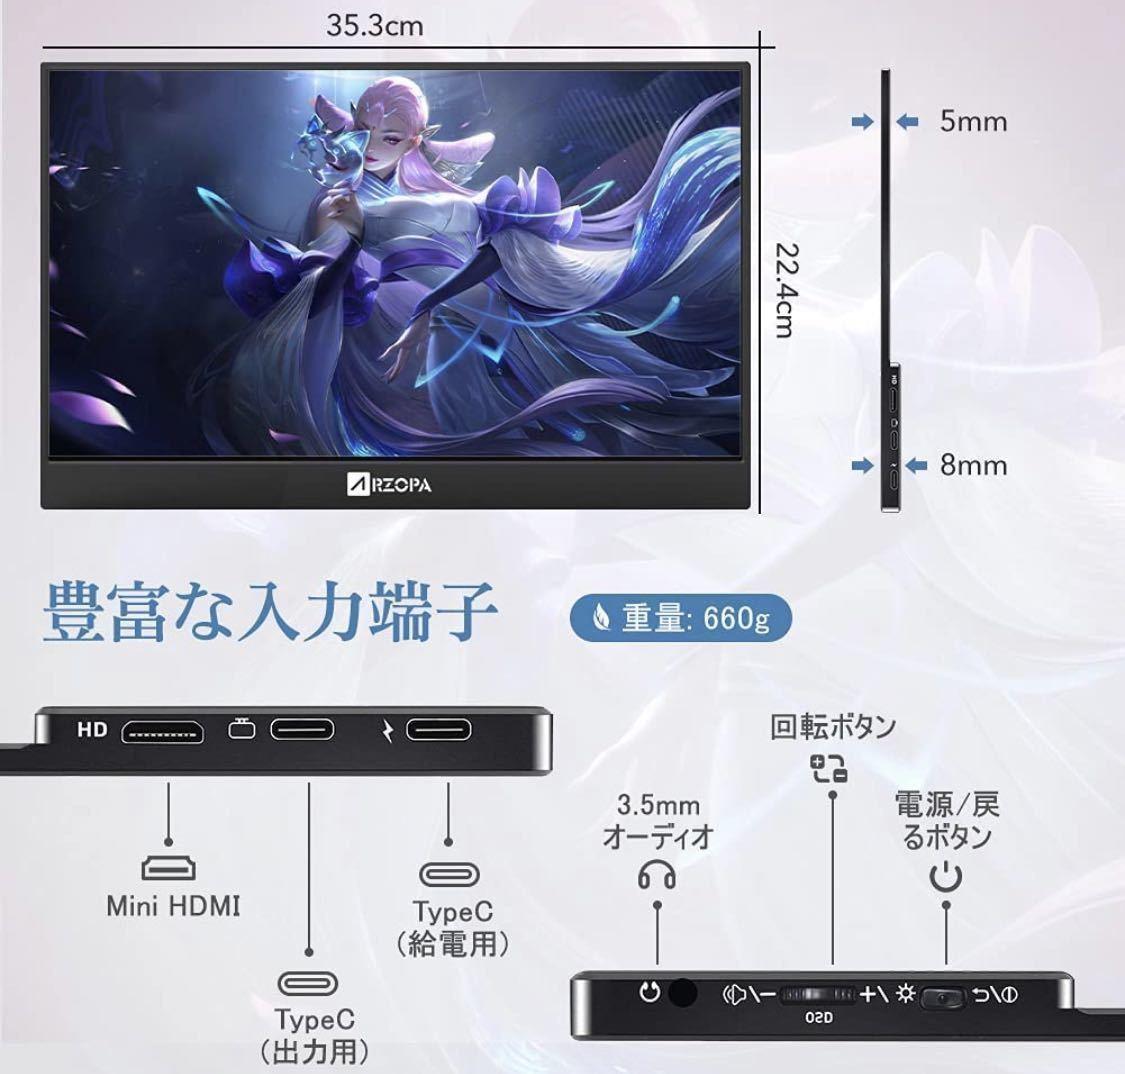 新品未使用 Arzopa 15.6インチ モバイルディスプレイ HDR 薄型 IPSパネル ゲーム テレワーク ポータブルモバイルモニター_画像5